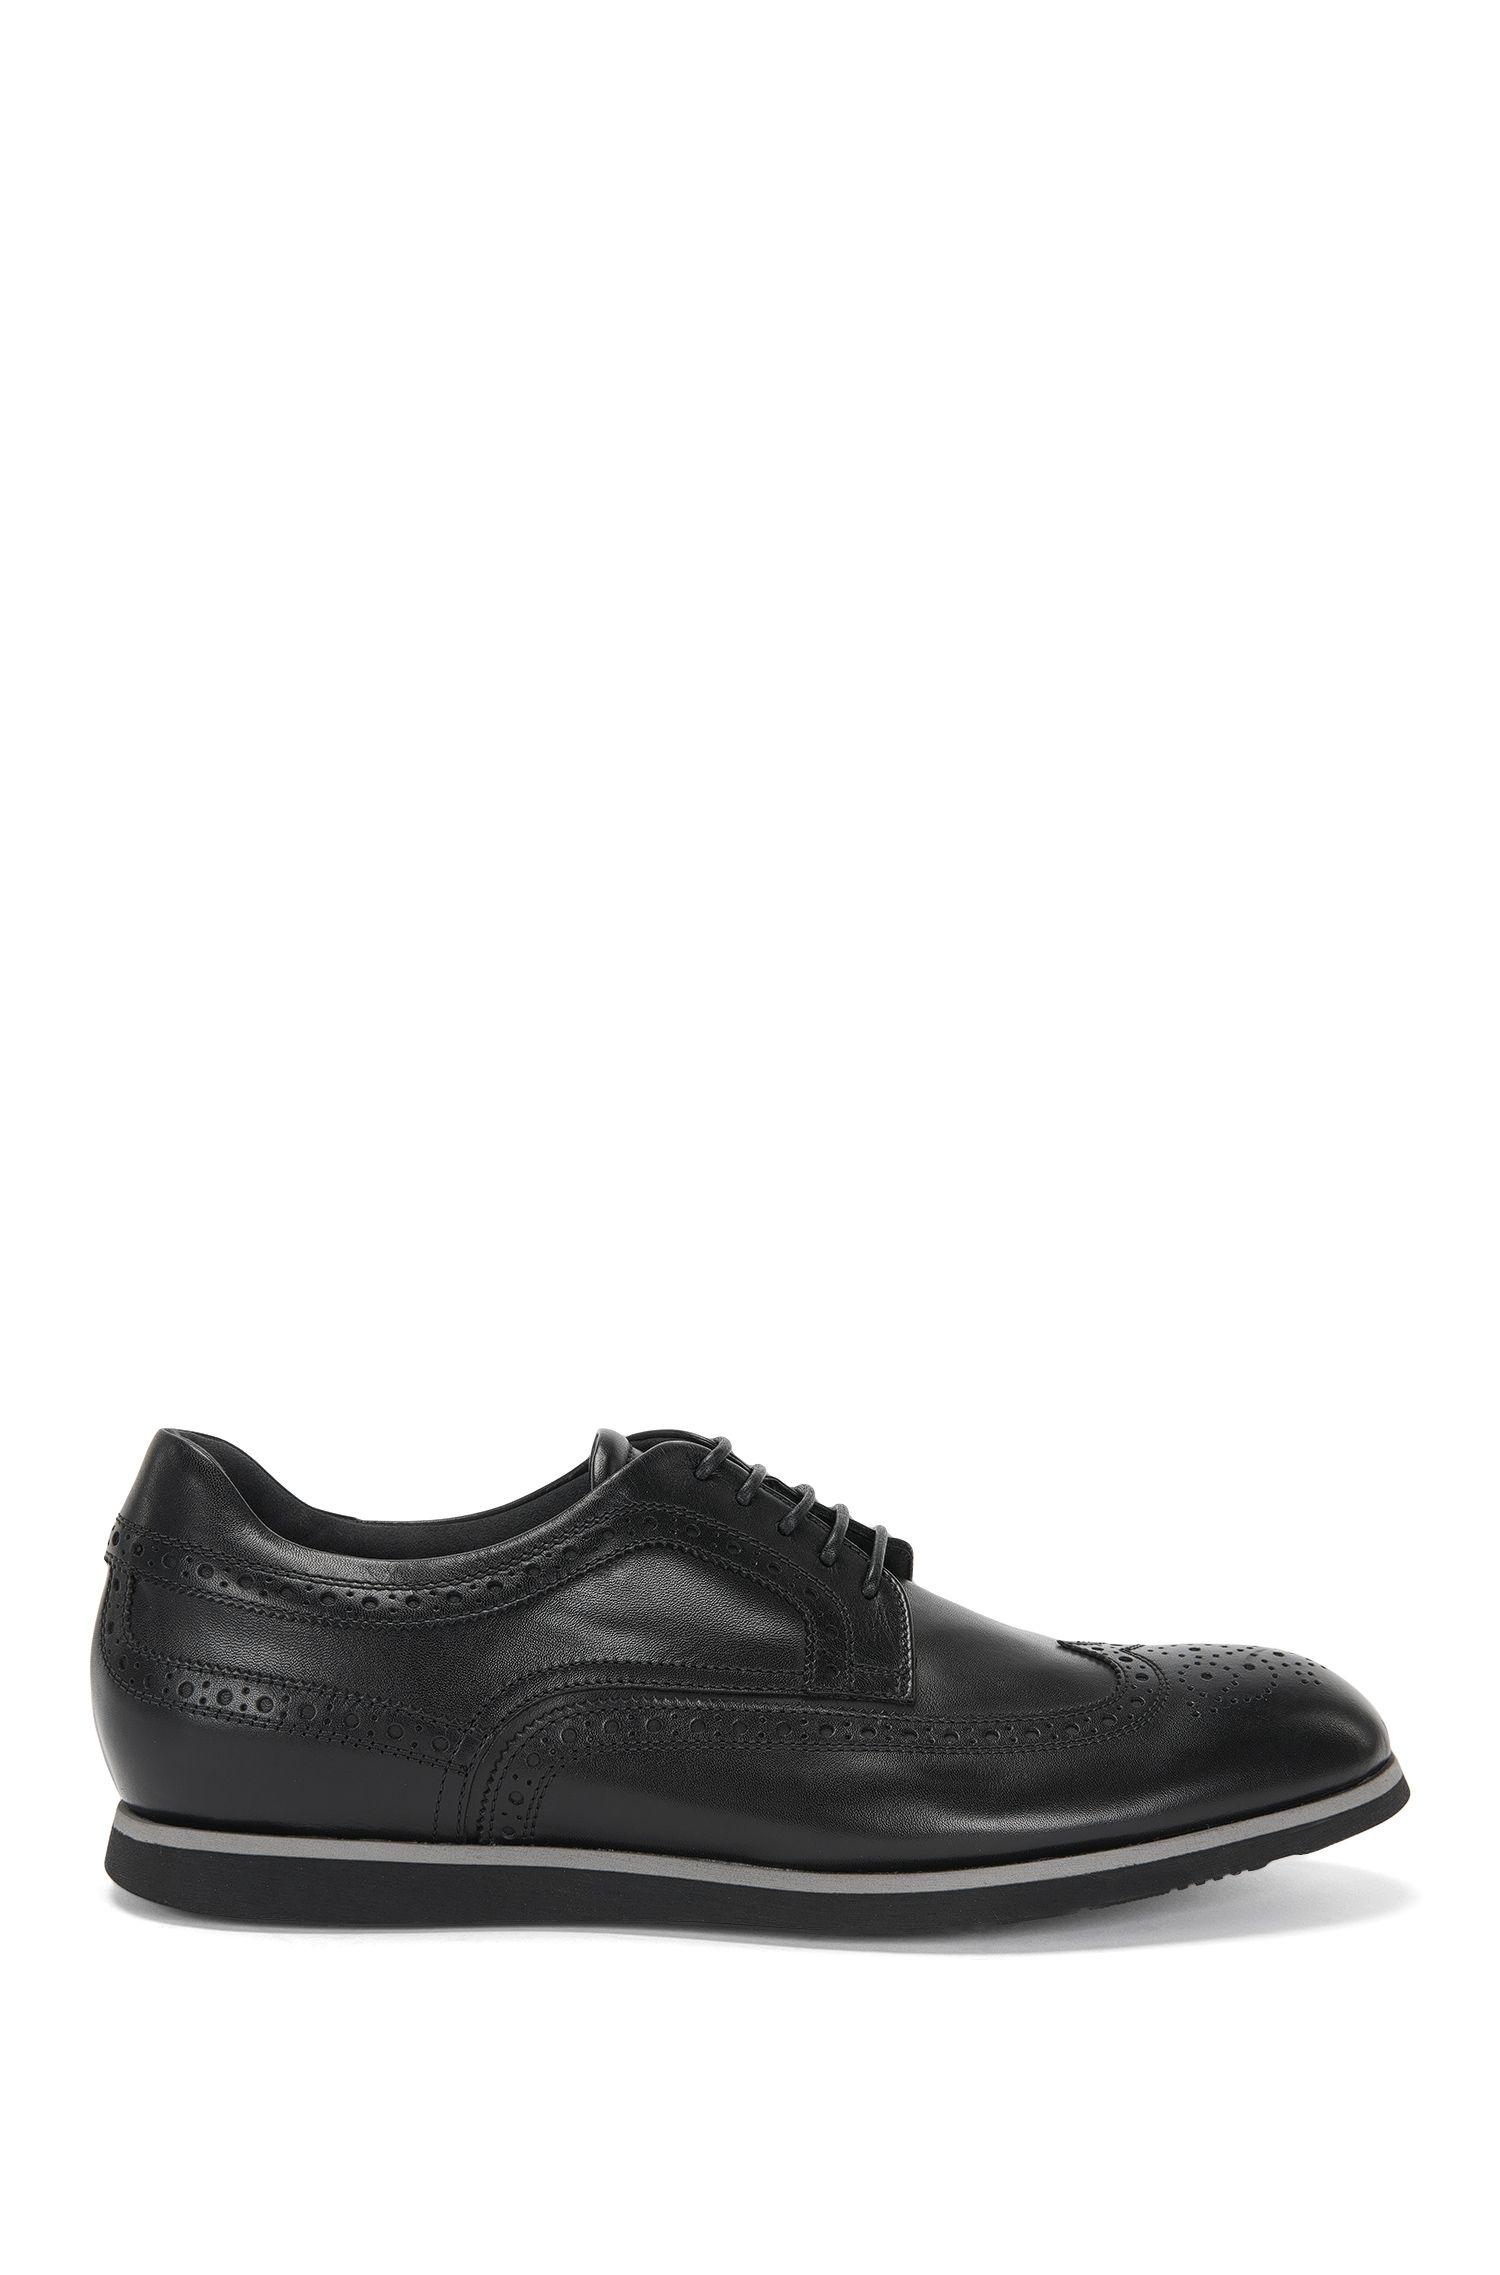 Chaussures à lacets de style Richelieu, en cuir: «Pegaso_Derb_ltwtb»